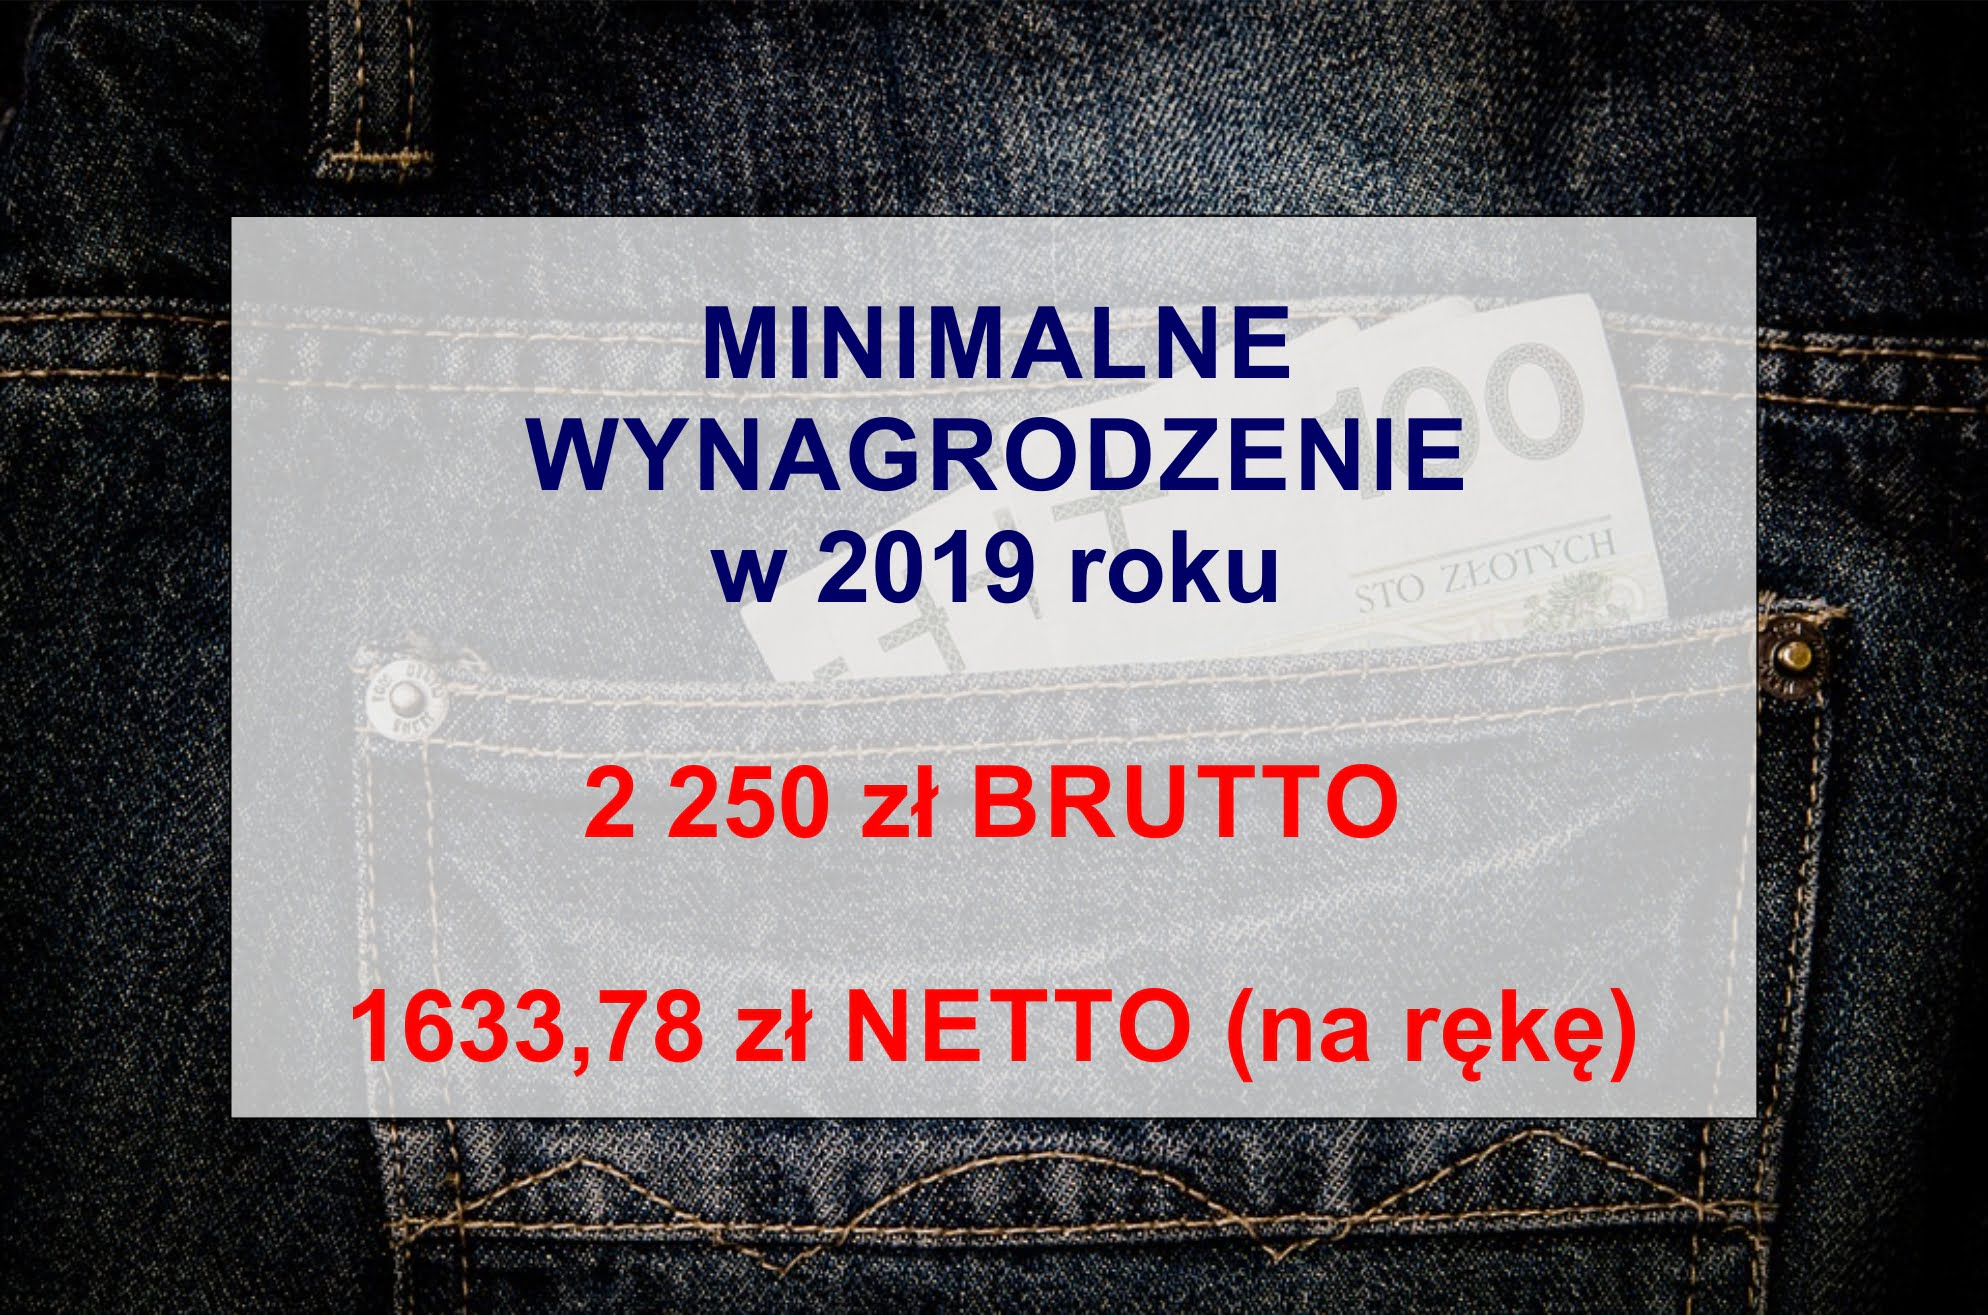 Minimalne wynagrodzenie 2019 – koszty pracodawcy